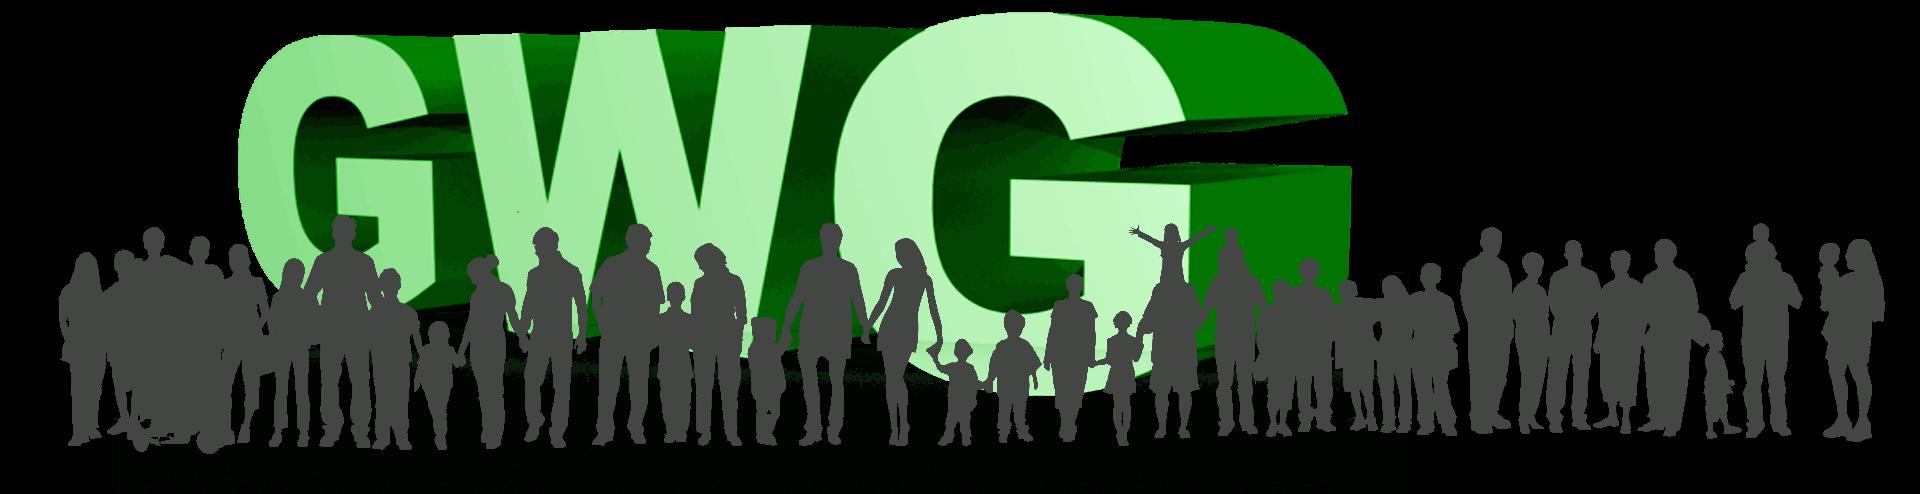 gwg-mitglieder